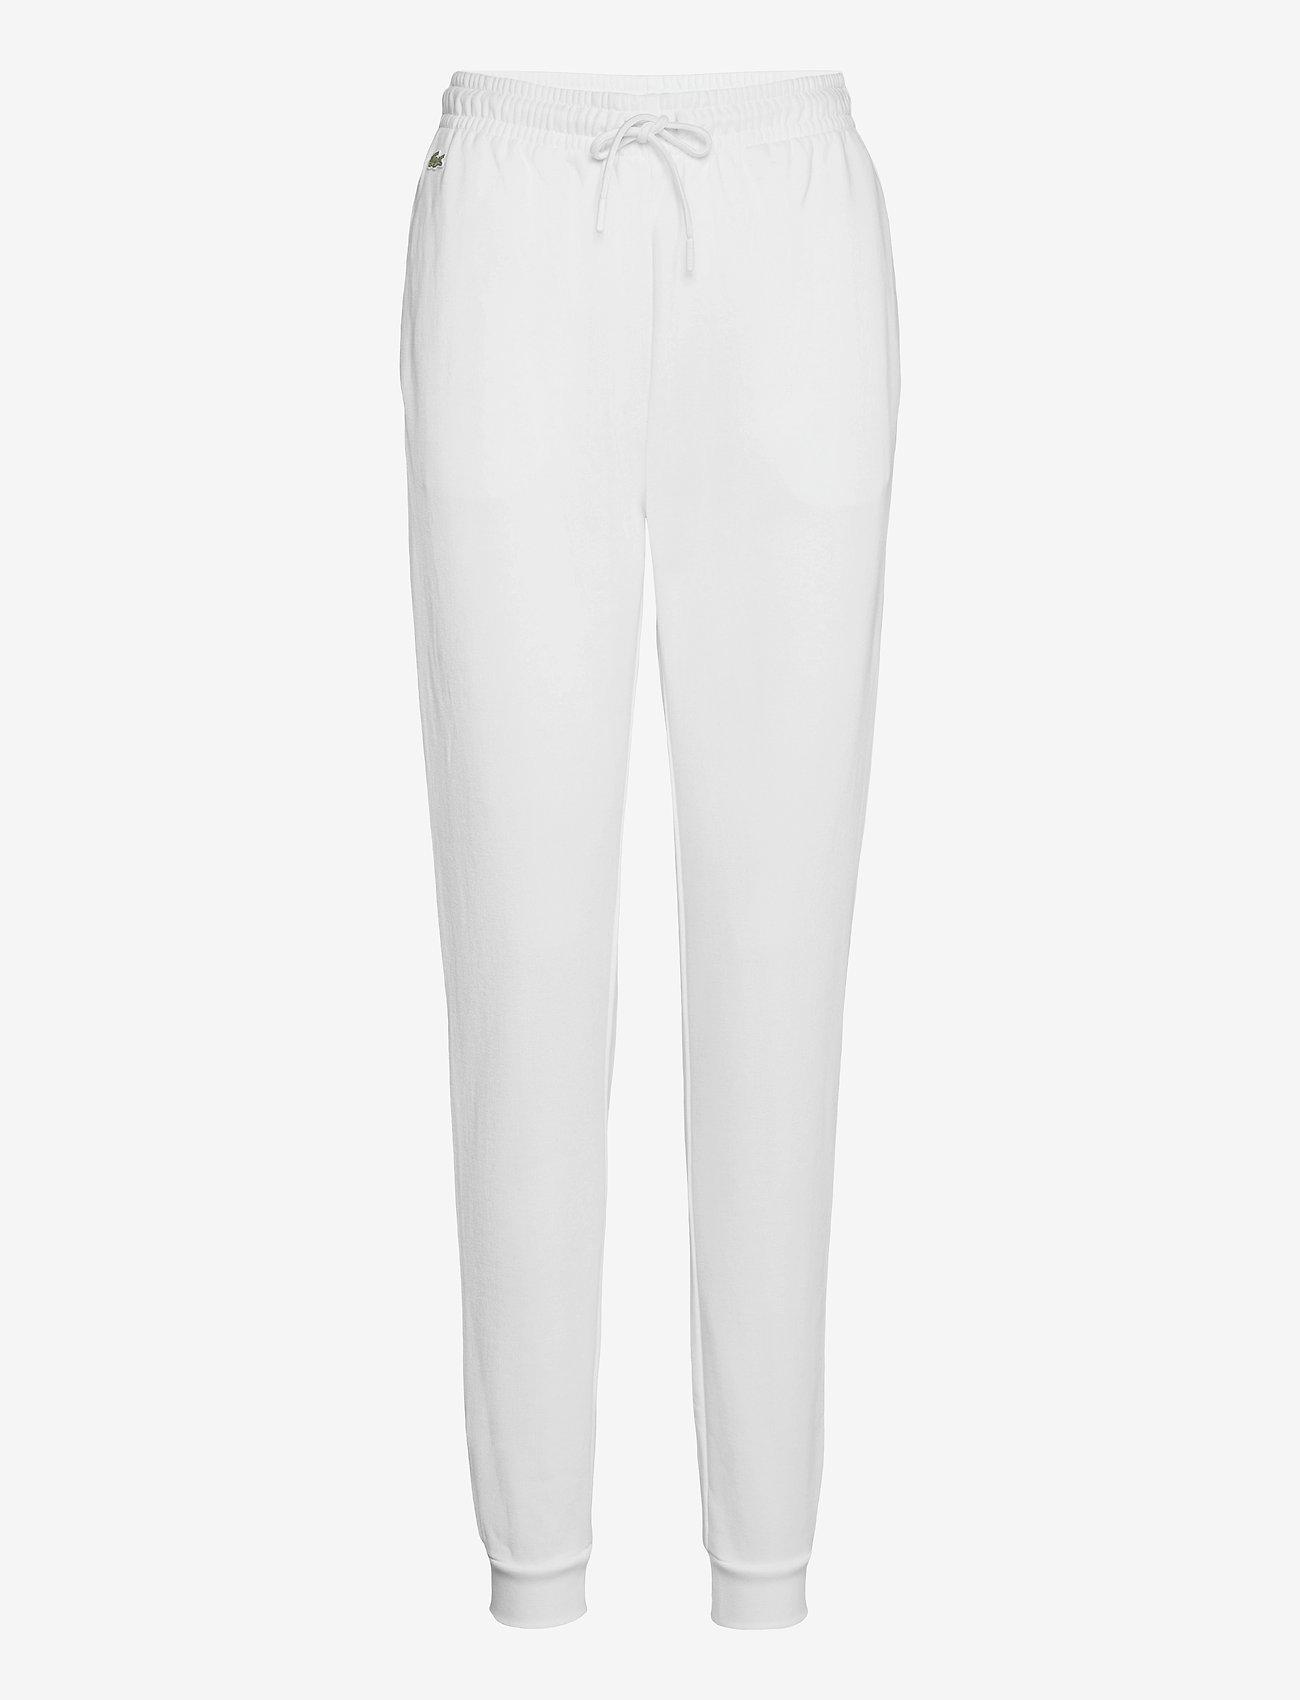 Lacoste - Women tracksuit trousers - sportbroeken - white - 0